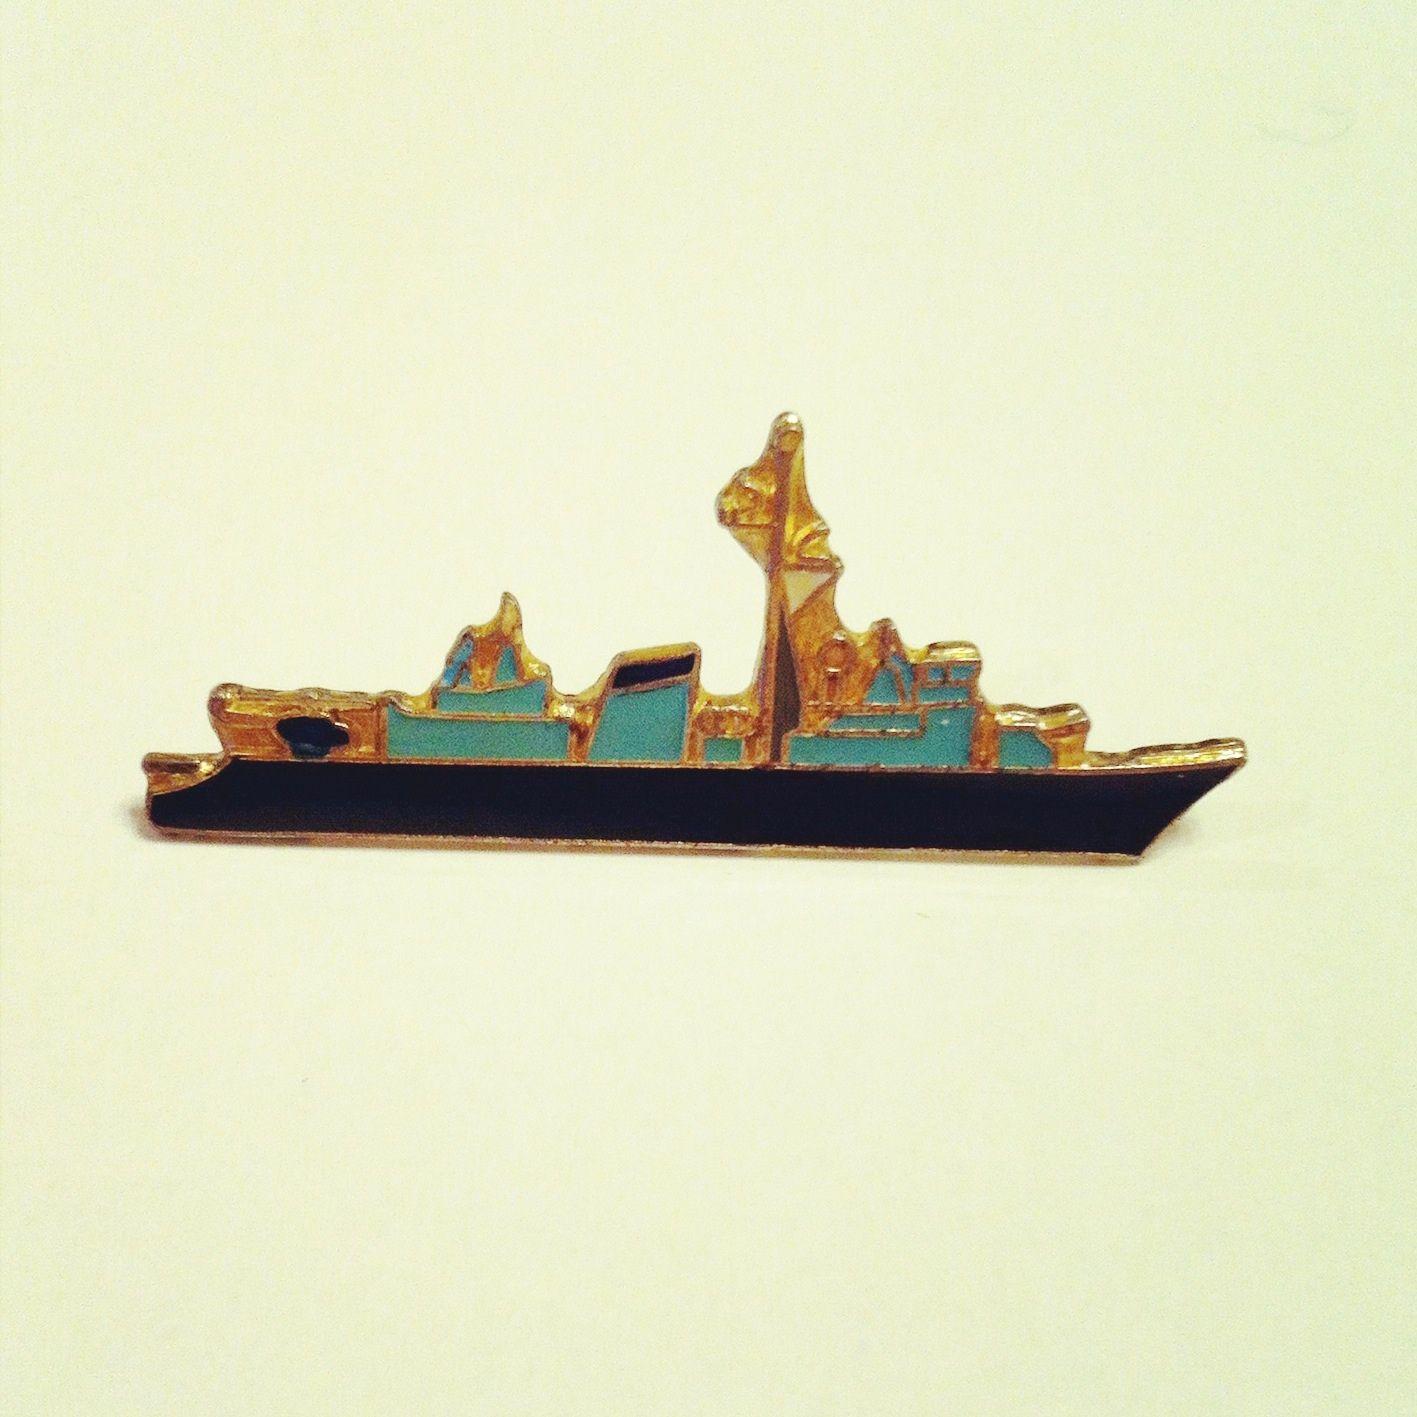 青い船のピンバッチ